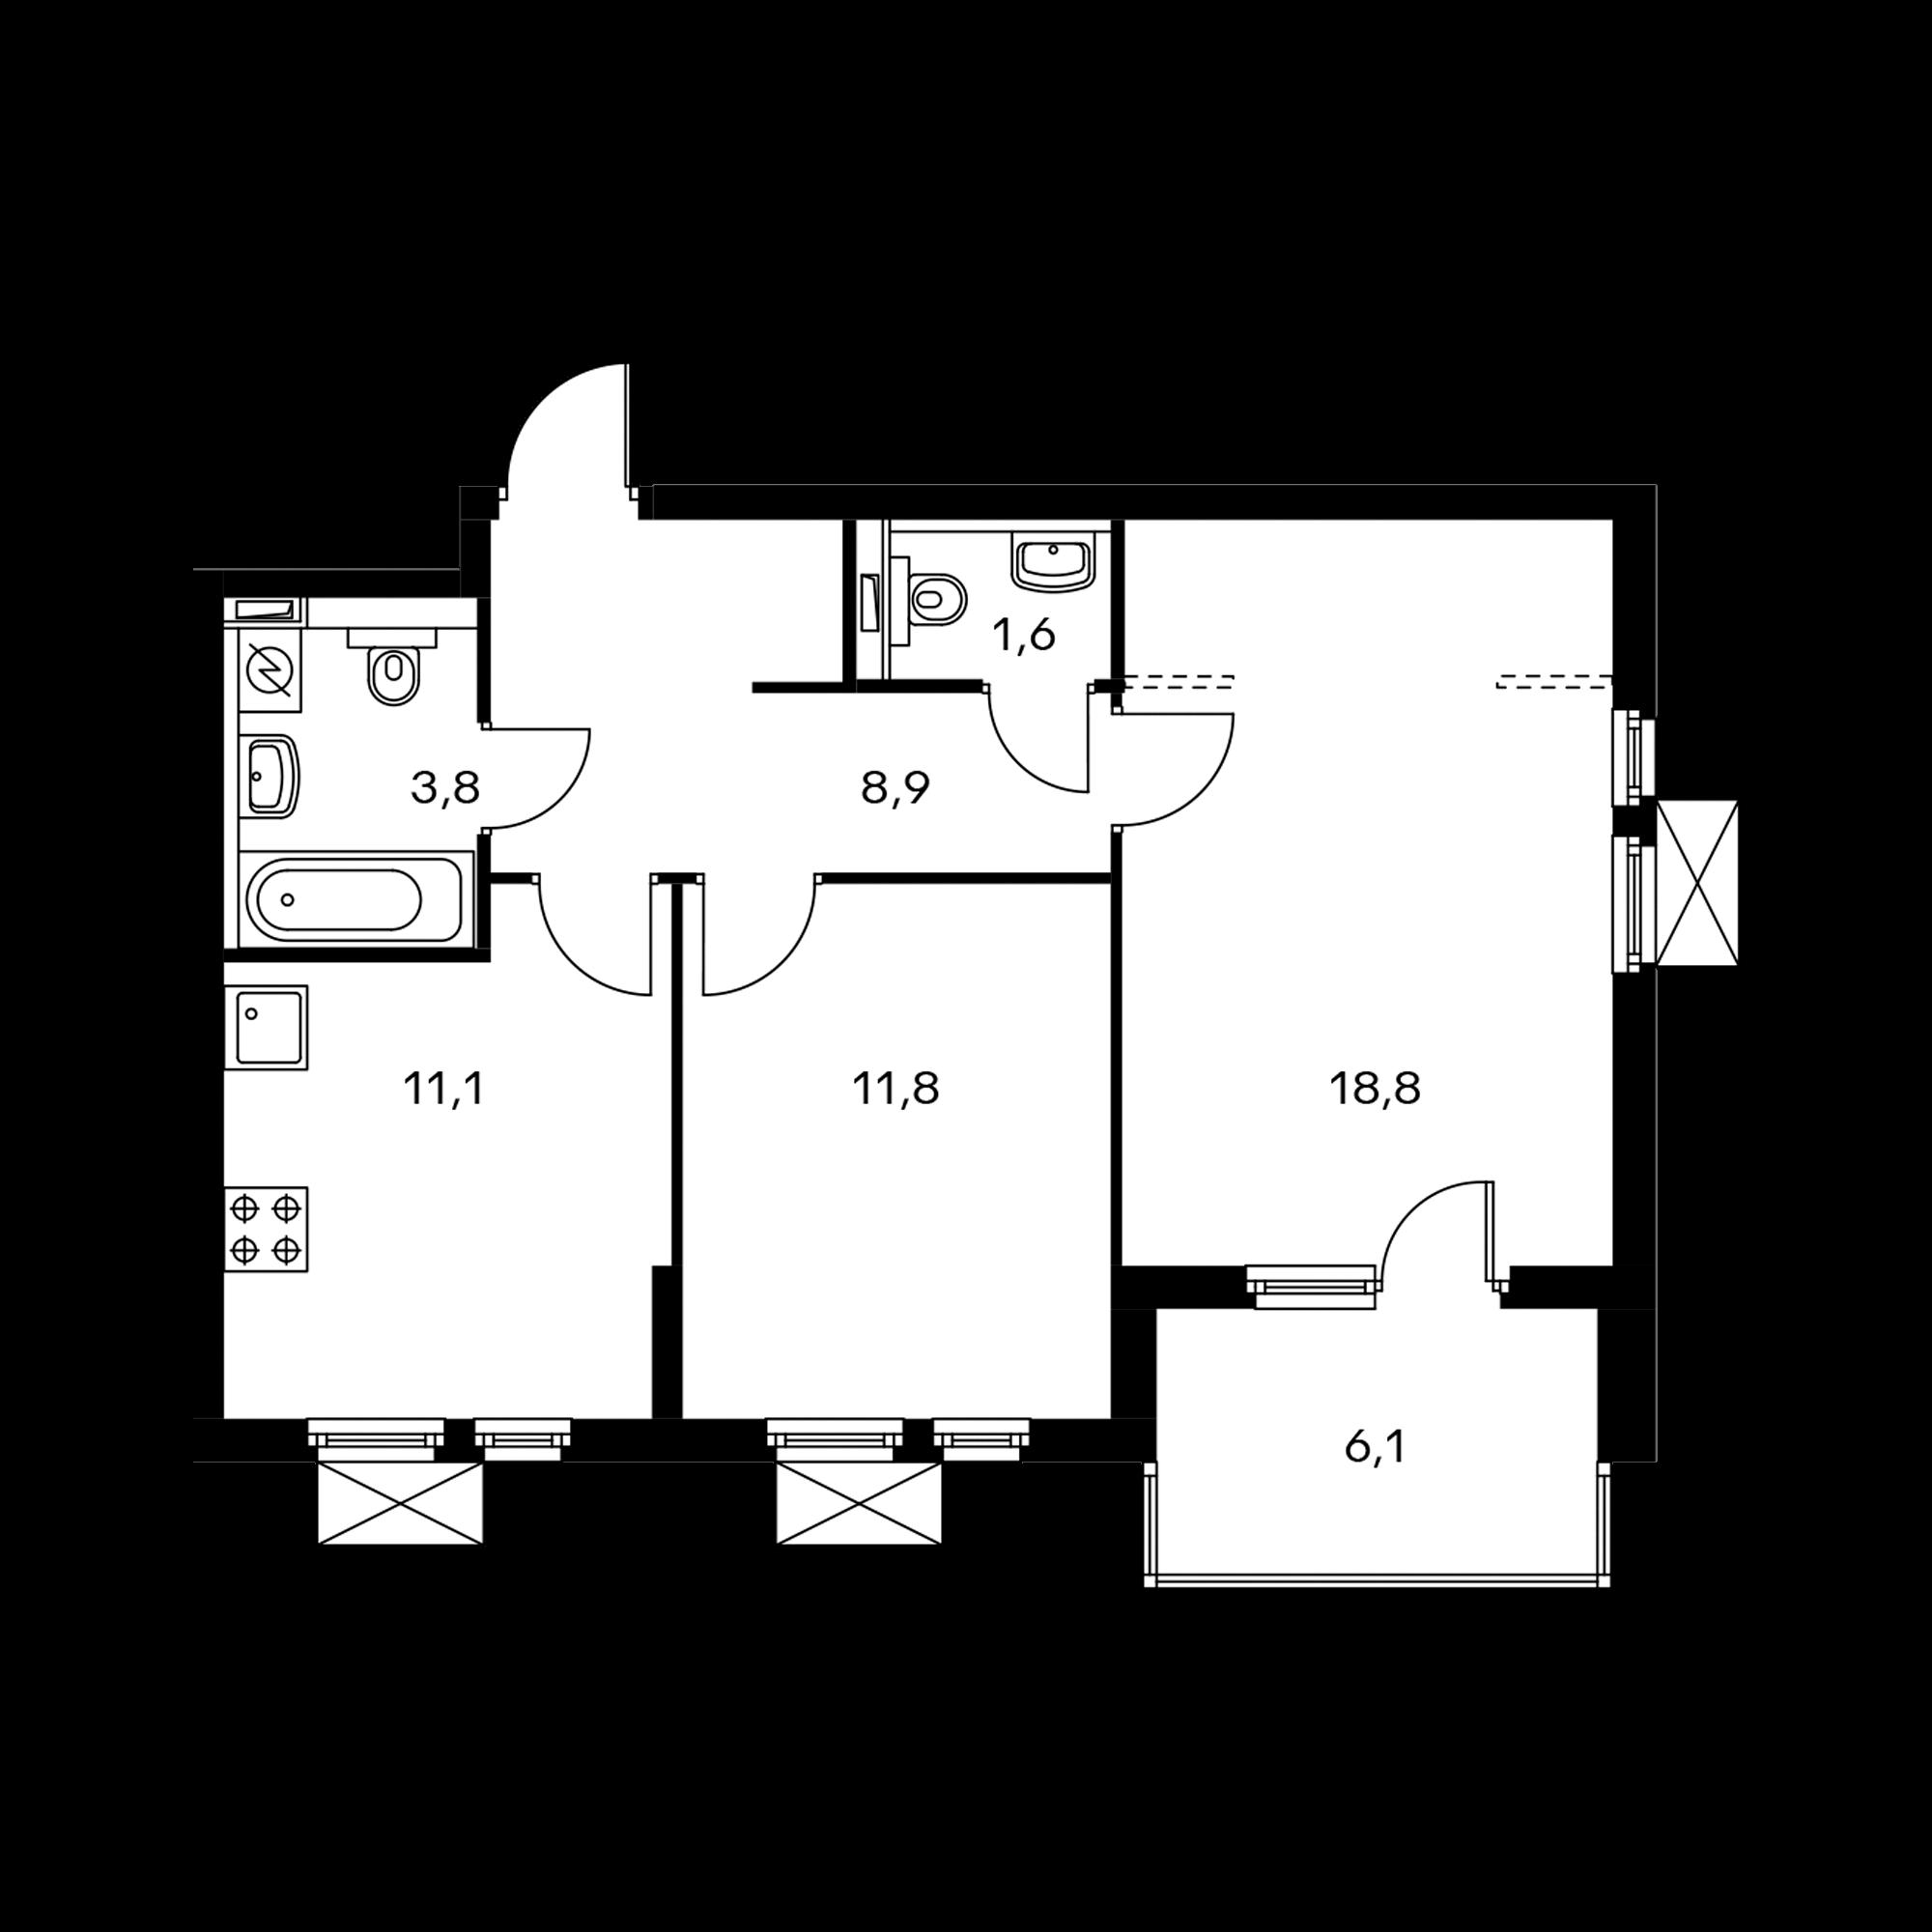 2KM6_10.2-1_T_AB